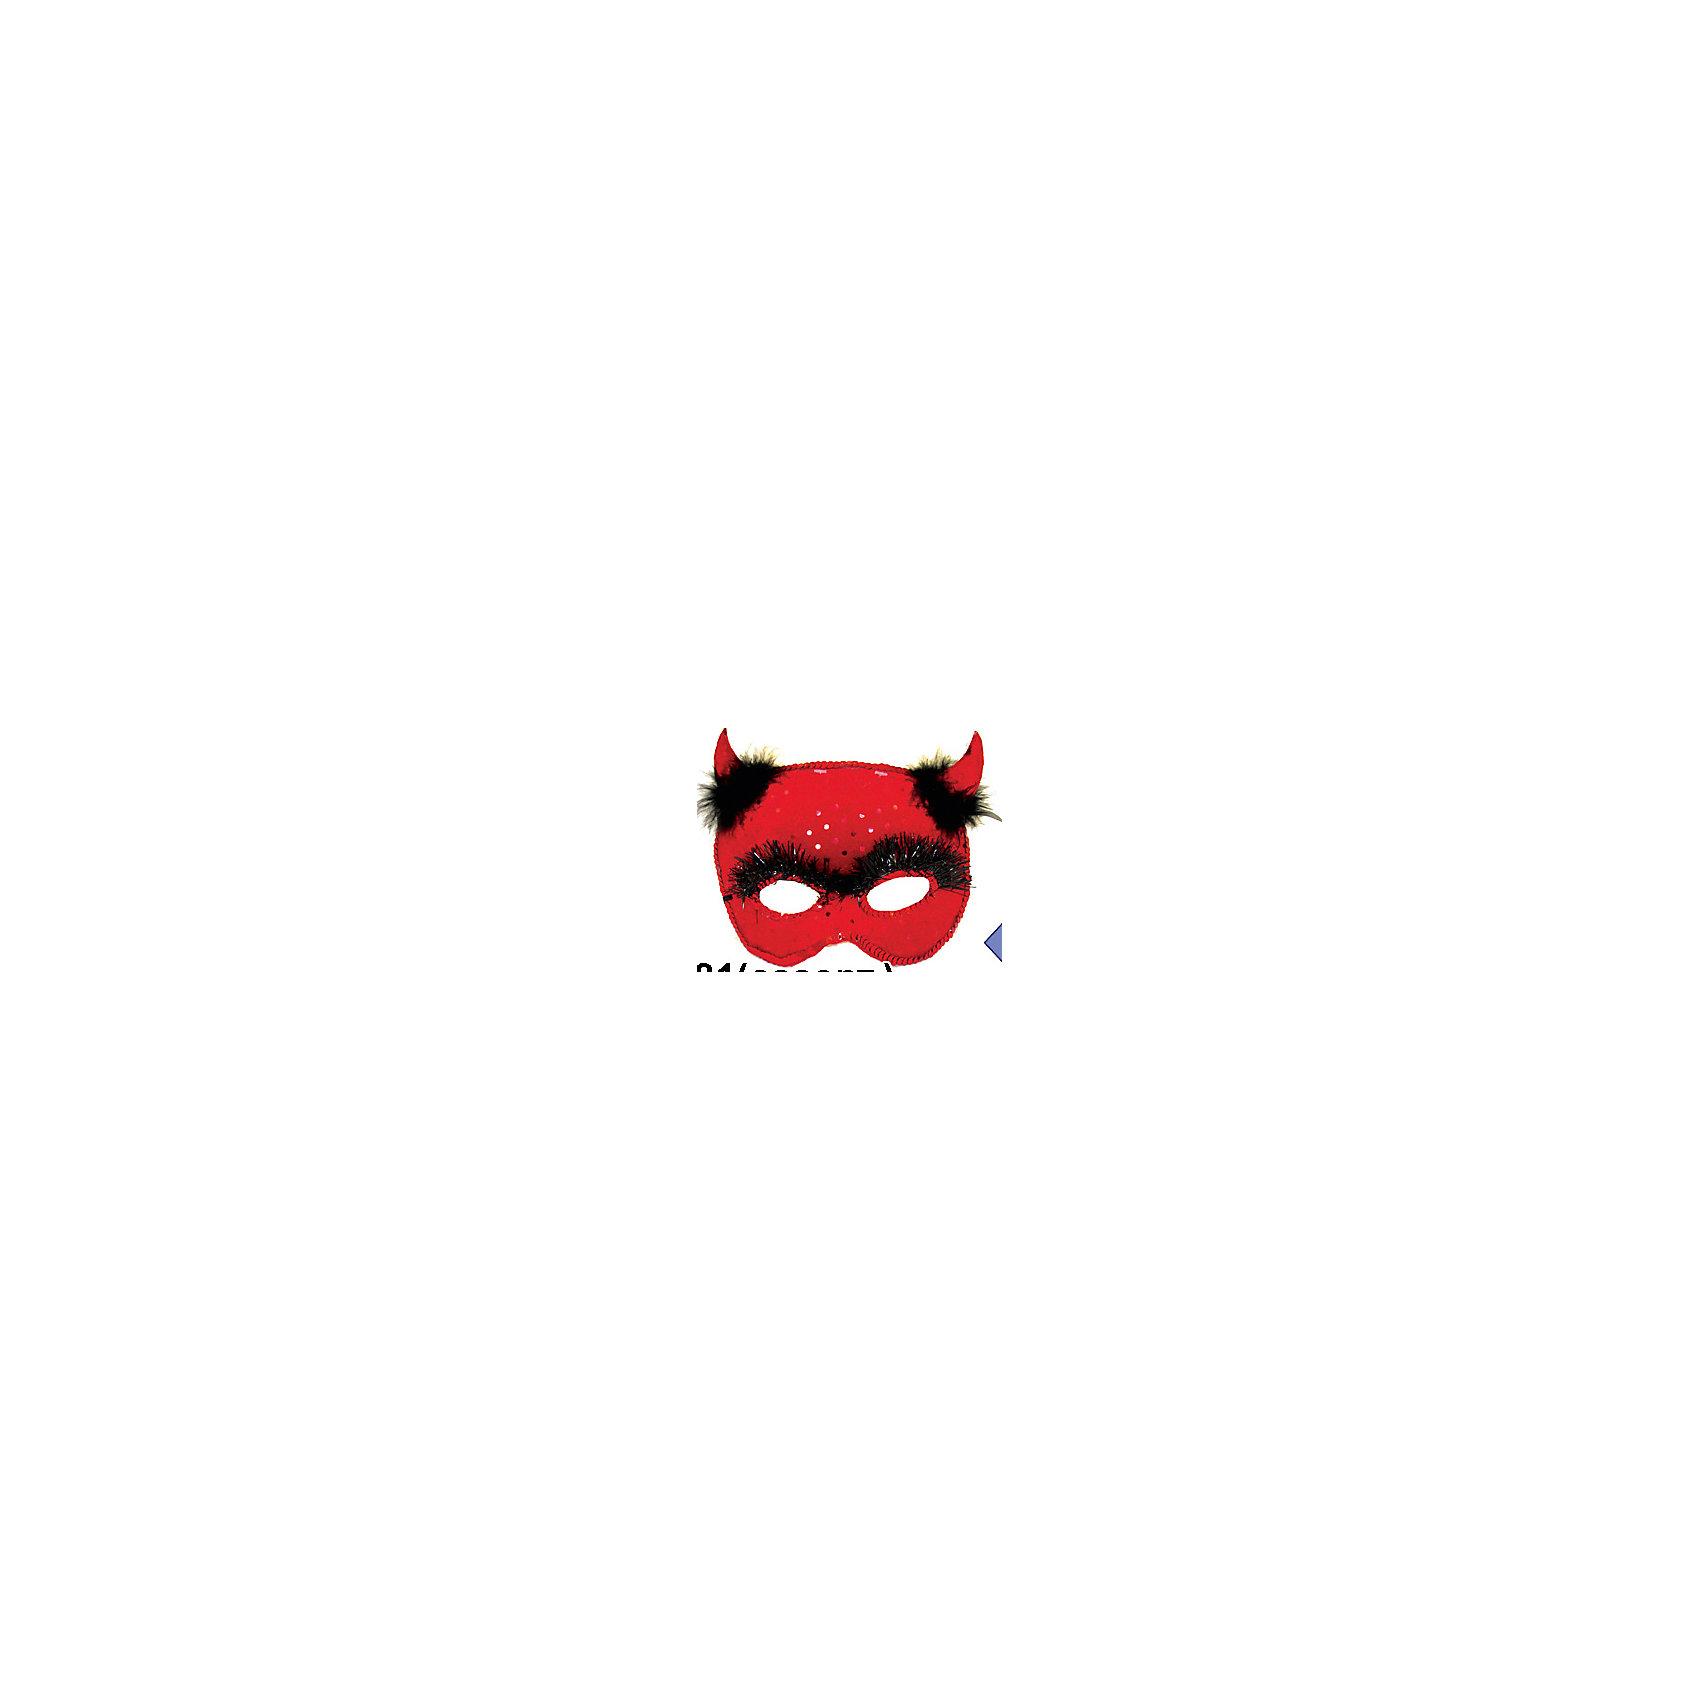 Карнавальная маска Сатир, разл.цвета, MARKO FERENZOХарактеристики карнавальной маски Сатир, Marko Ferenzo:<br><br>- возраст: от 3 лет<br>- пол: для мальчиков и девочек<br>- цвет: красный / черный / фиолетовый.<br>- материал: текстиль, пластик.<br>- размер игрушки: 15 * 9 см.<br>- упаковка: пакет.<br><br>Карнавальная маска Сатир торговой марки Marko Ferenzo станет отличным аксессуаром для тематической вечеринки. Если Вы, к примеру, желаете стать участником праздника, посвященному греческой мифологии или Хэллоуину, маска станет вашей палочкой-выручалочкой. Она выполнена в ярких цветах смеховыми вставками и украшена рожками для более глубоко перевоплощения в роль. Надев маску Сатир, можно запросто стать звездой вечера.<br><br>Карнавальную маску Сатир торговой  марки  Marko Ferenzo можно купить в нашем интернет-магазине.<br><br>Ширина мм: 180<br>Глубина мм: 80<br>Высота мм: 150<br>Вес г: 2<br>Возраст от месяцев: 36<br>Возраст до месяцев: 192<br>Пол: Унисекс<br>Возраст: Детский<br>SKU: 5105644